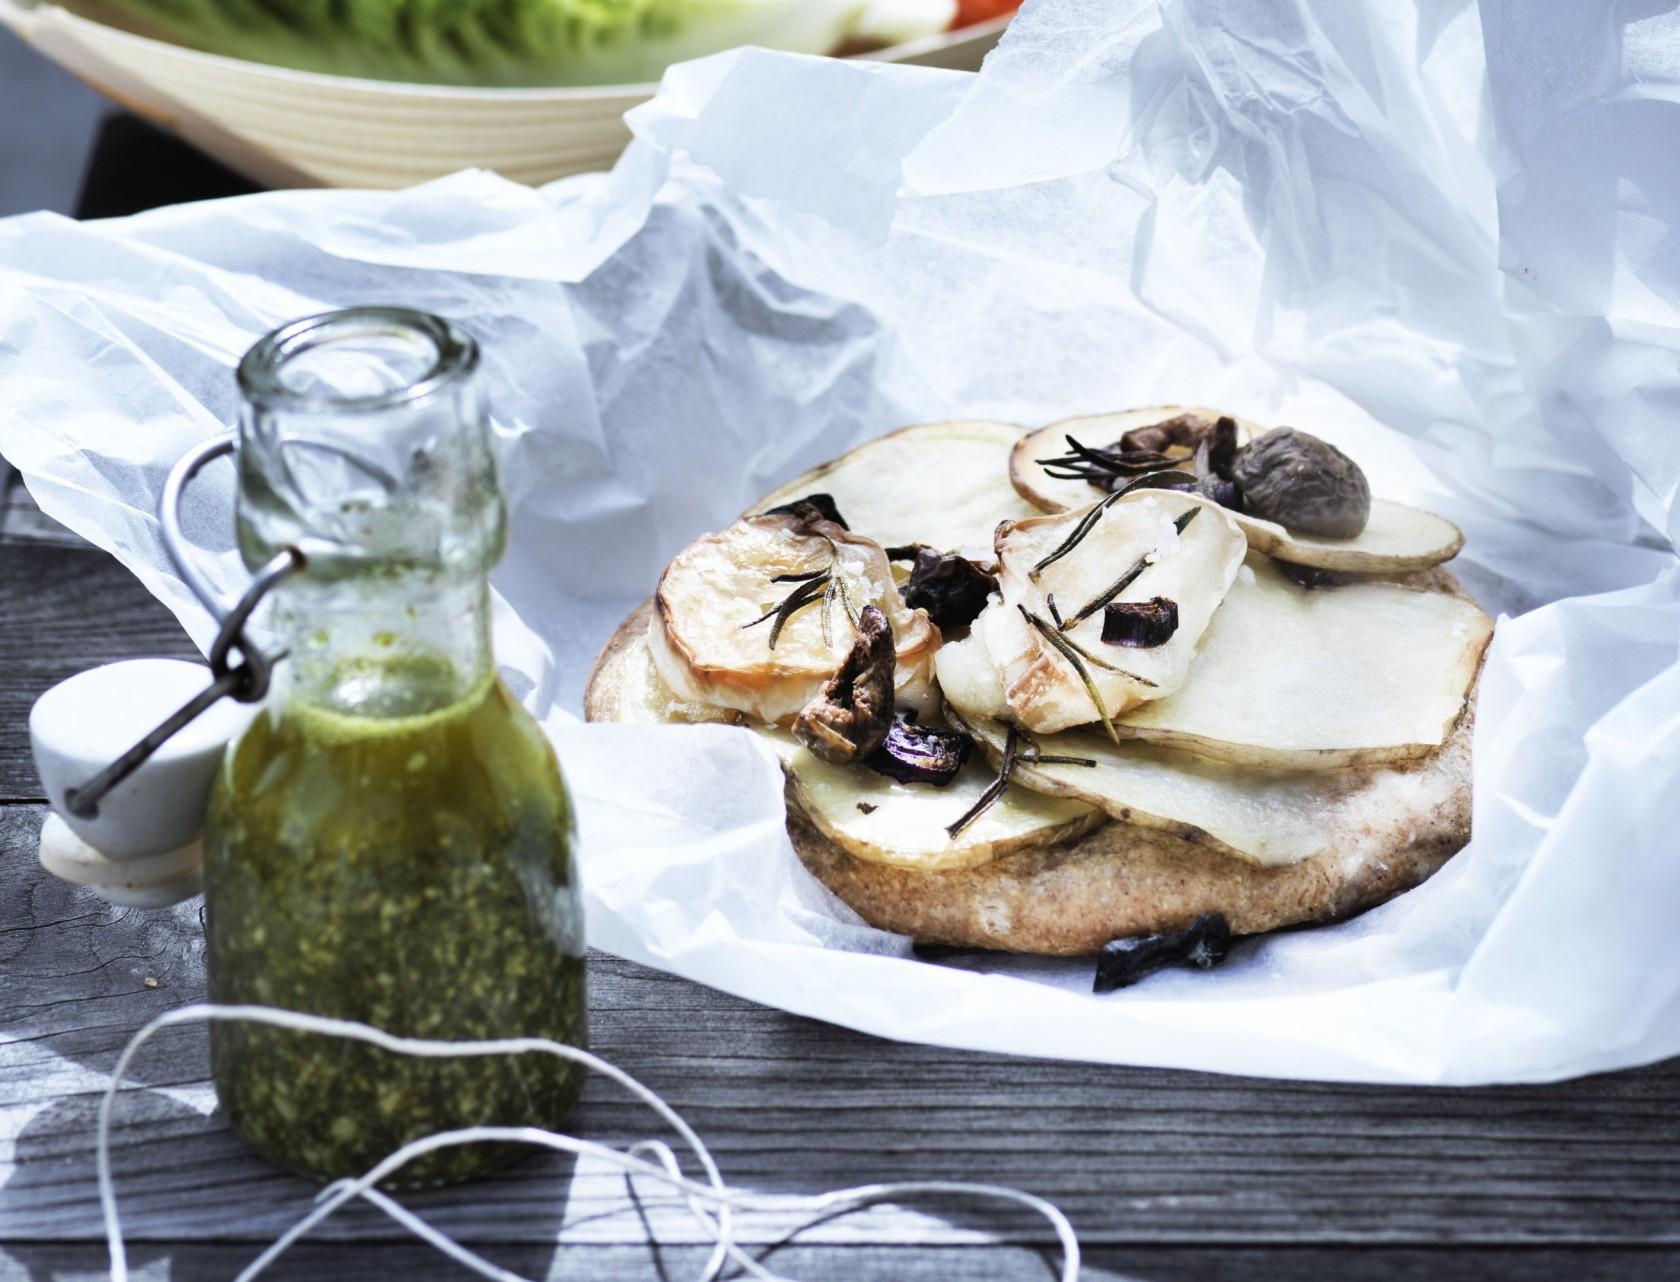 Minipizzaer med kartoffel og gedeost - perfekt opskrift til picnic, madpakke eller anden frokost.